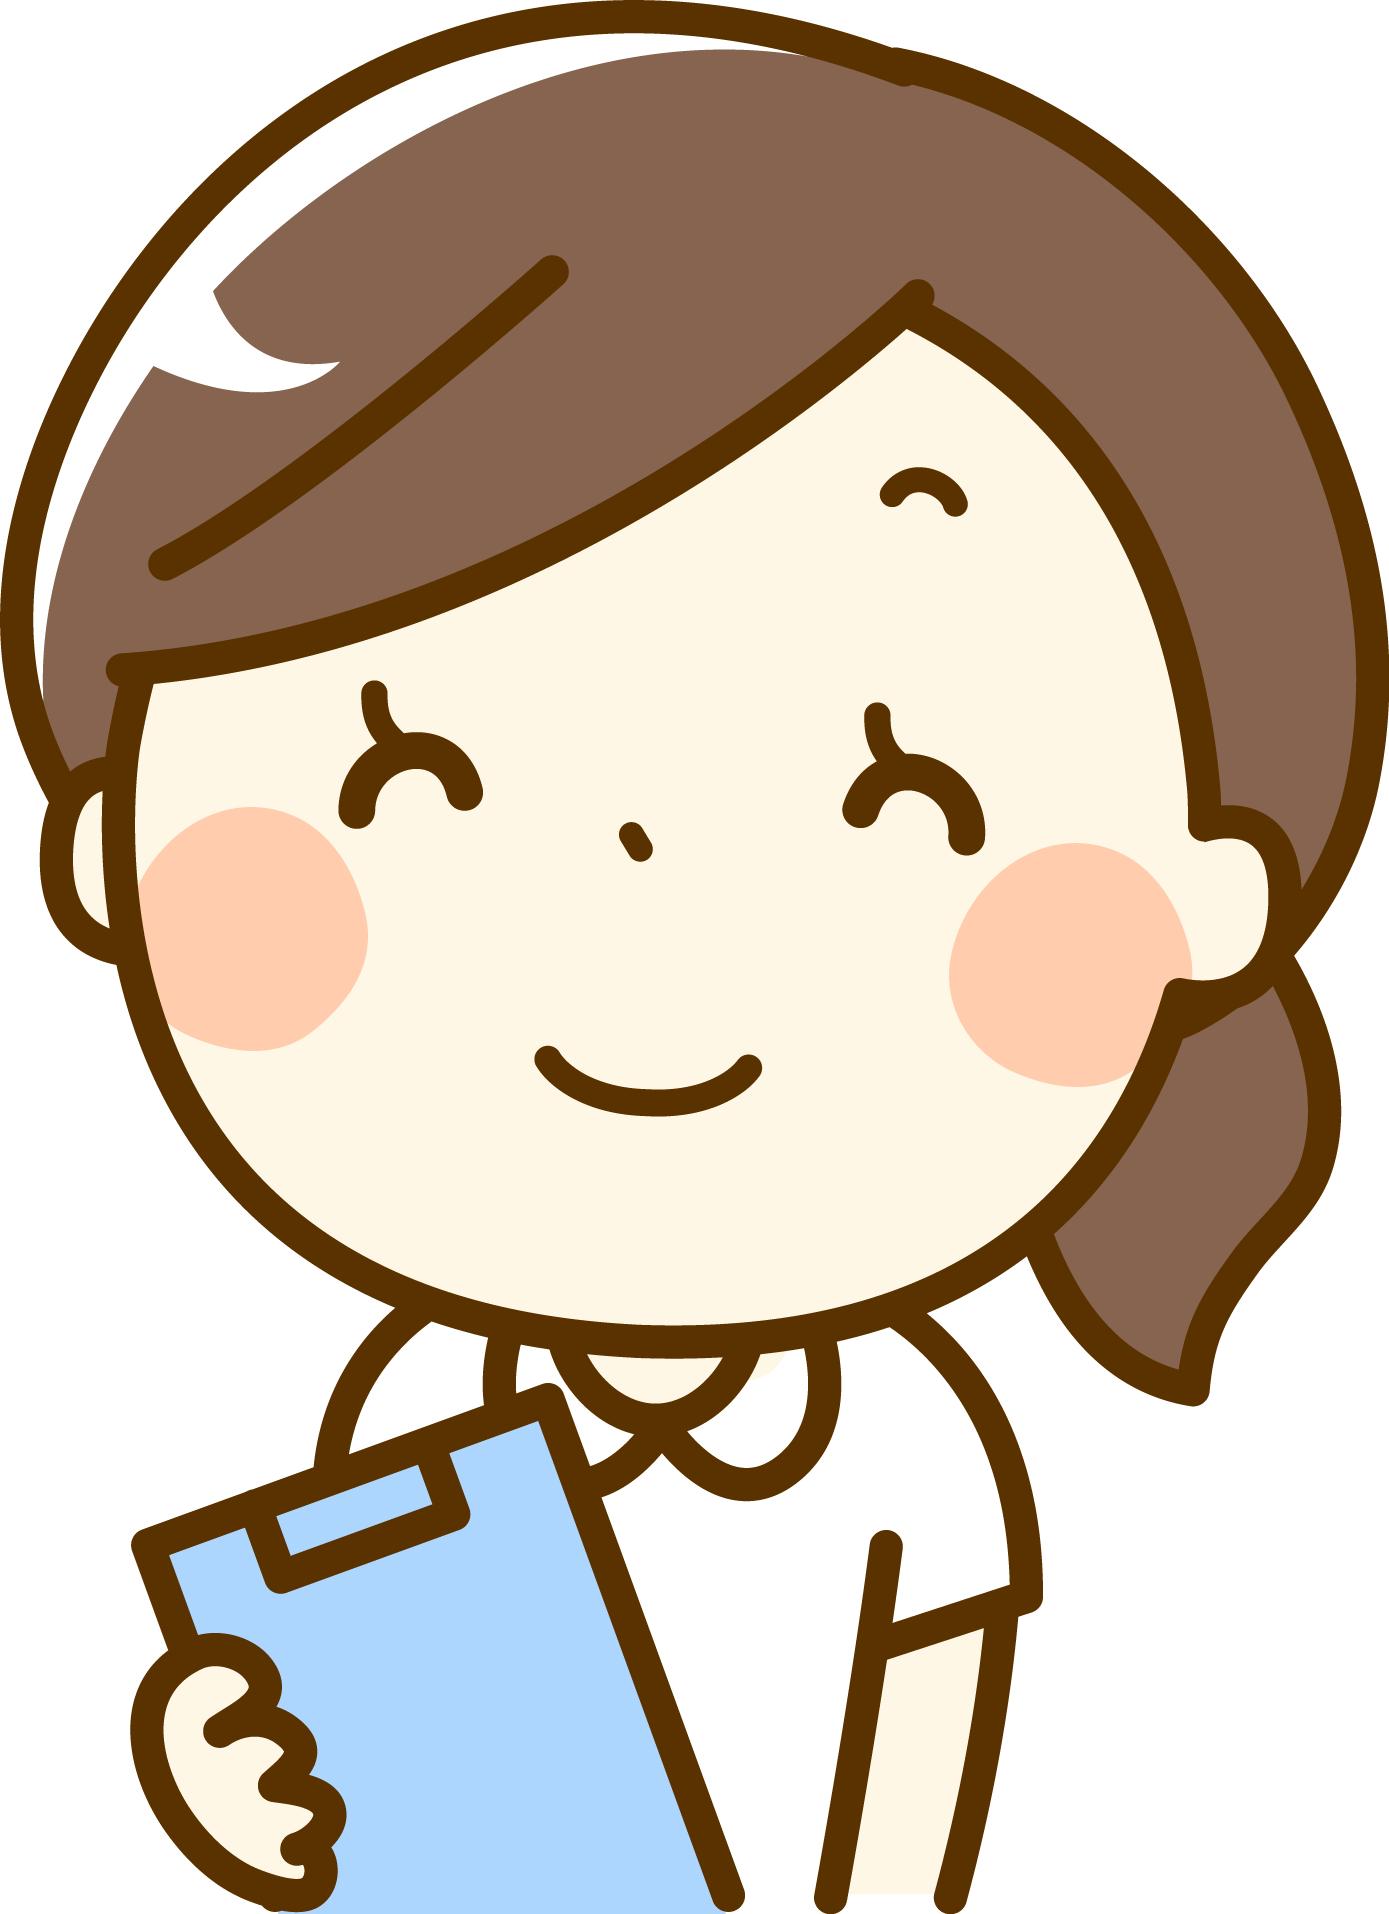 【病児保育の看護師求人】即日勤務OK☆平日のみの勤務!企業内保育園での勤務になります!